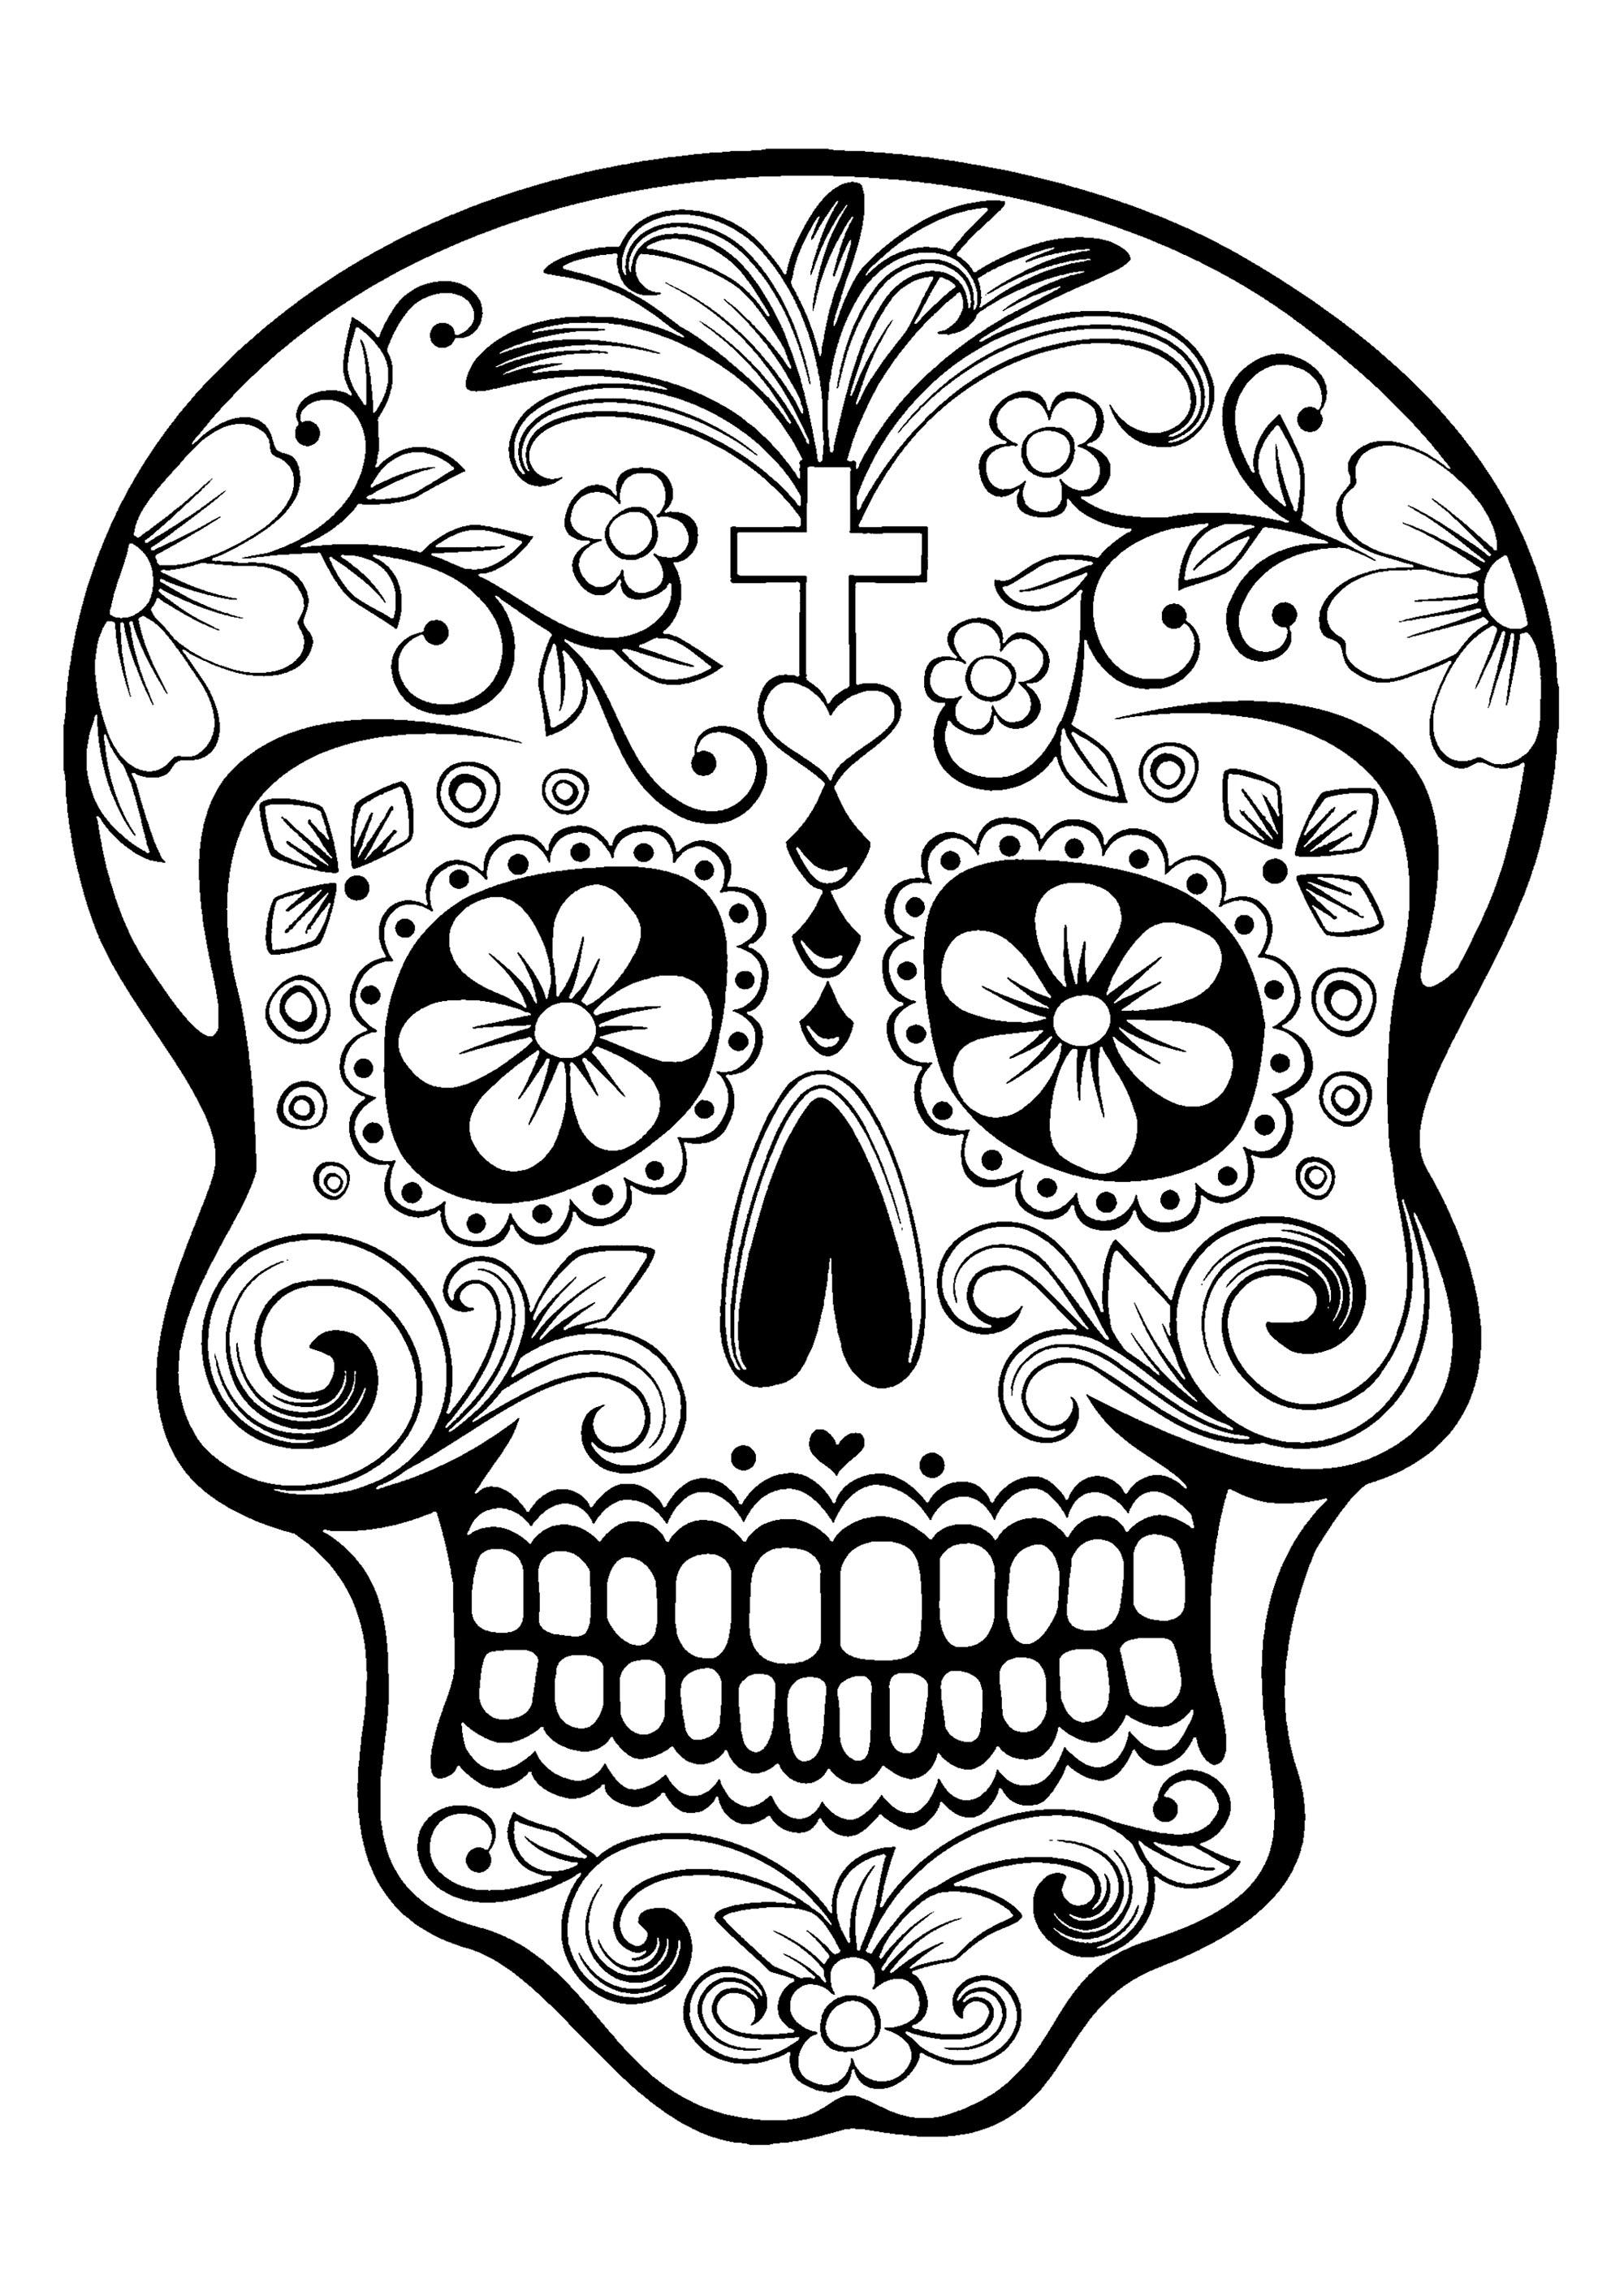 Coloriage El Día de los Muertos (Le jour des morts) - 1